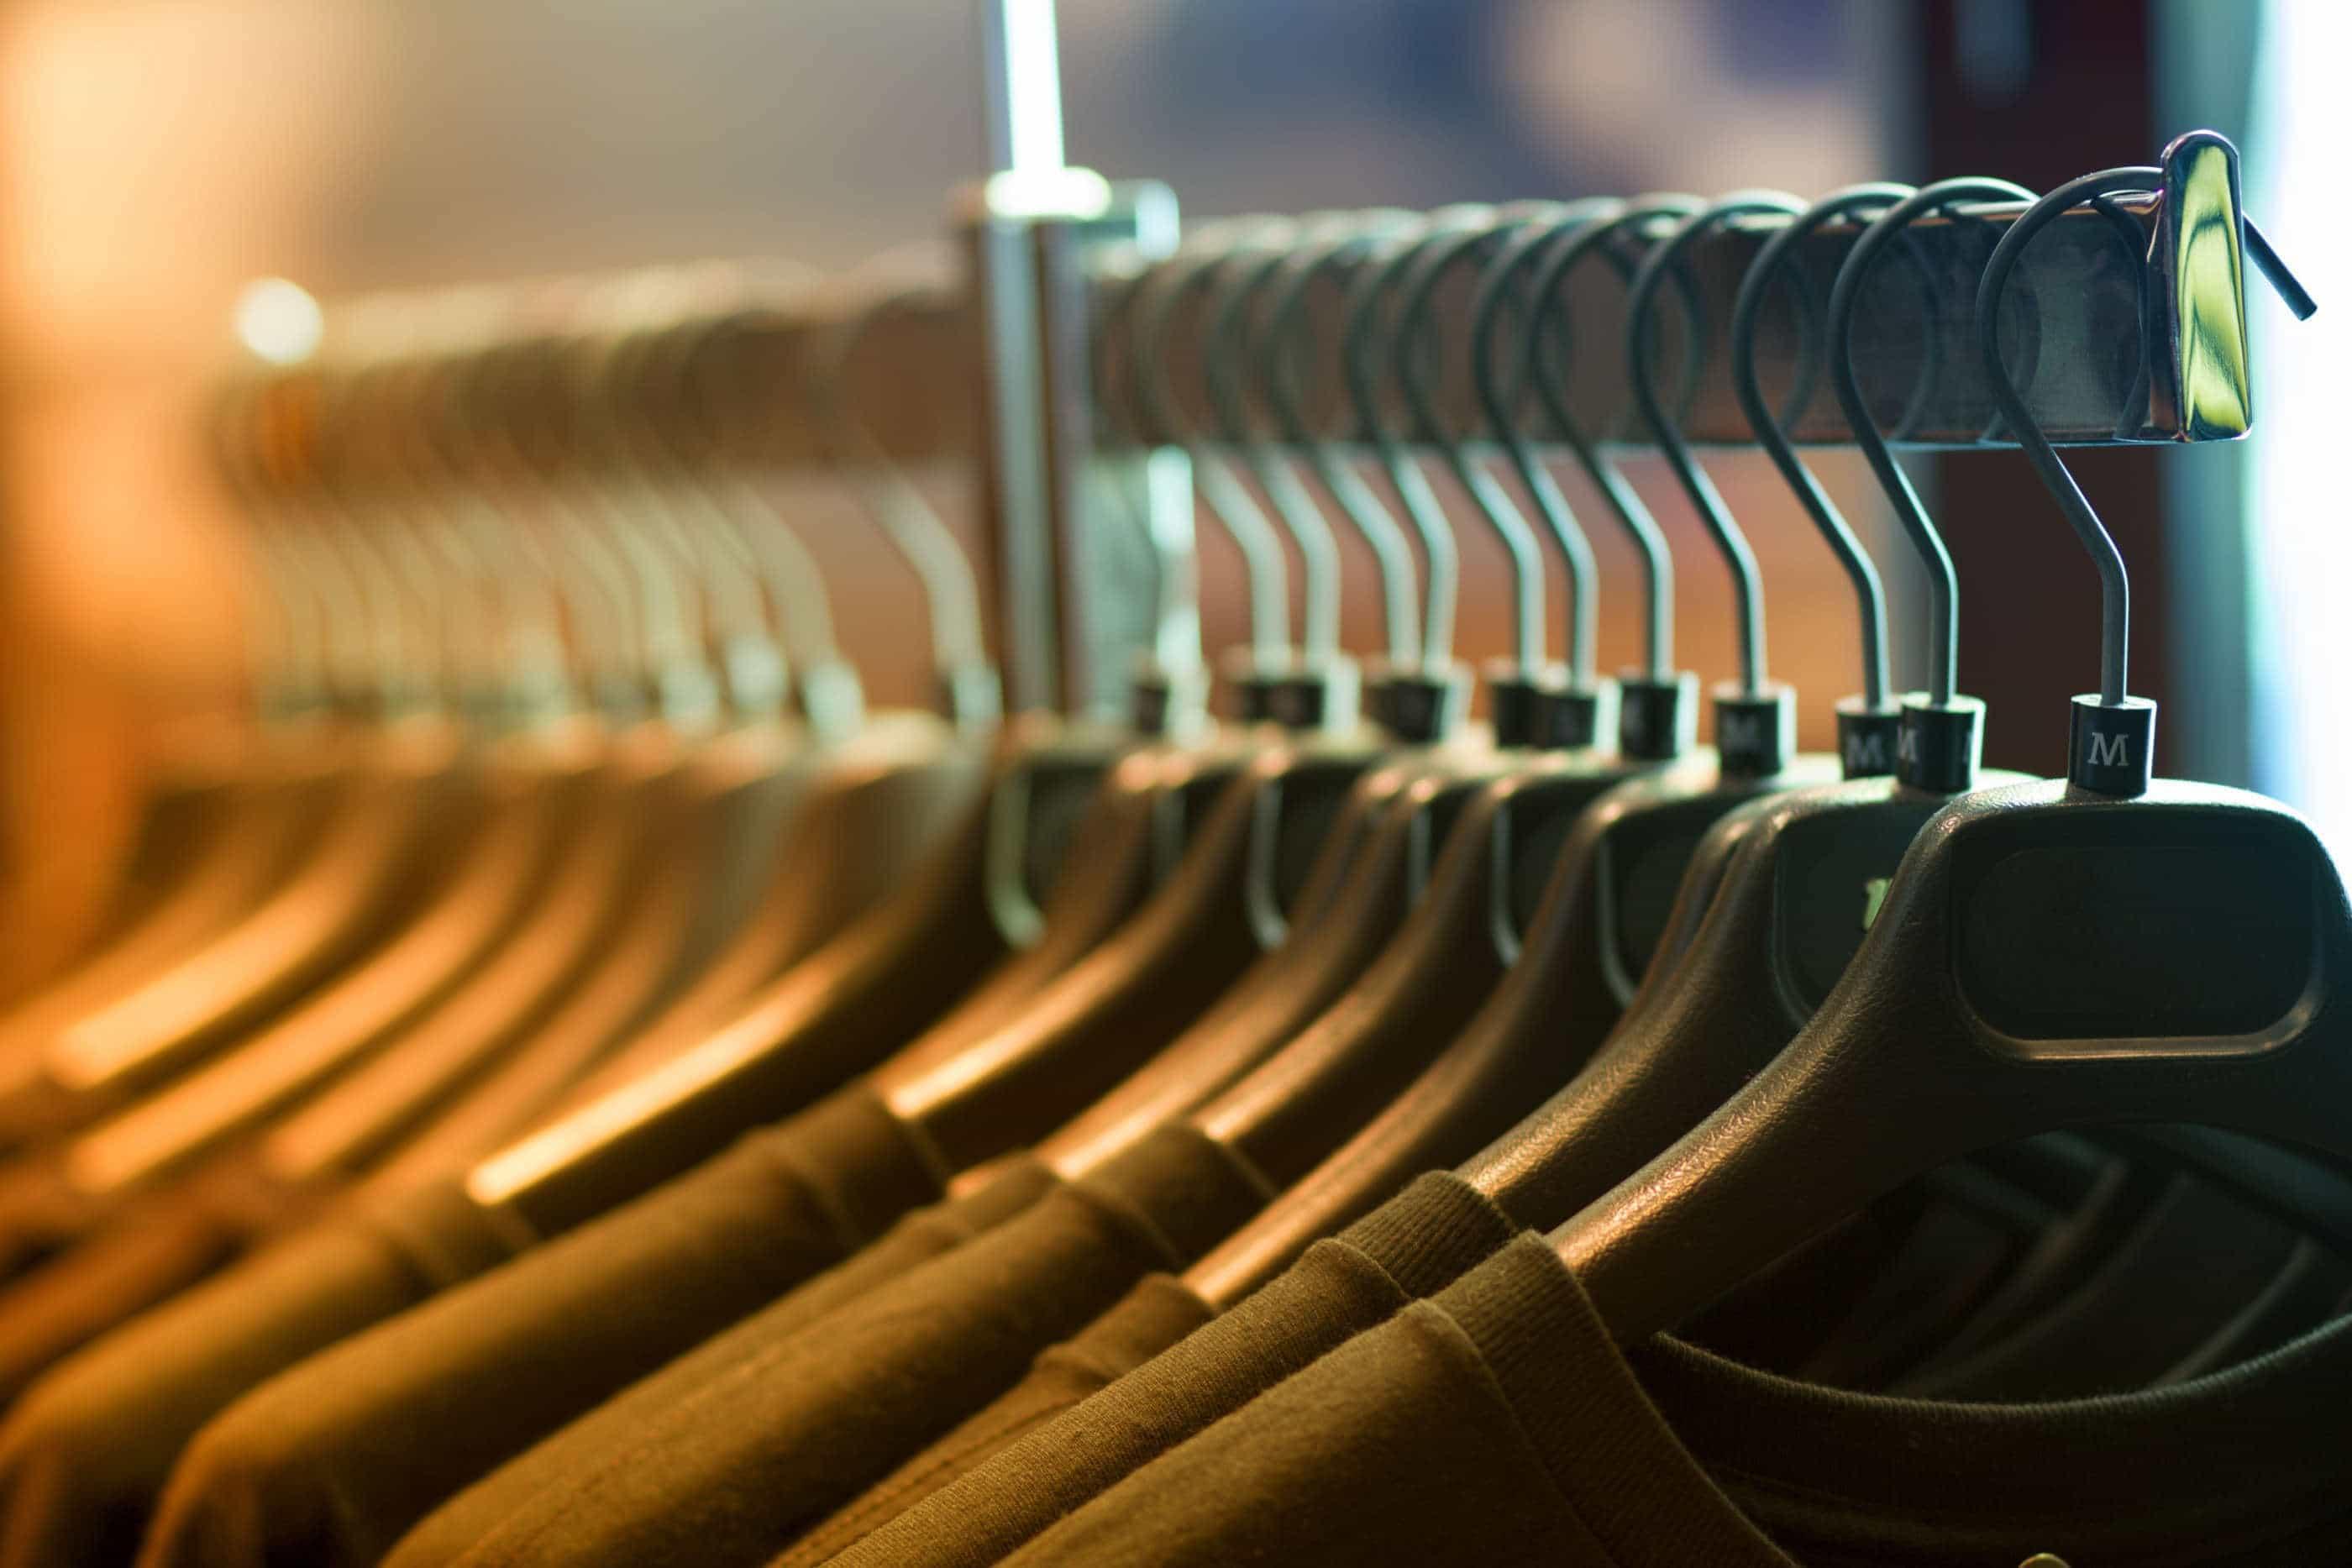 Så vigtigt er dit tøj for Cambodjas økonomi